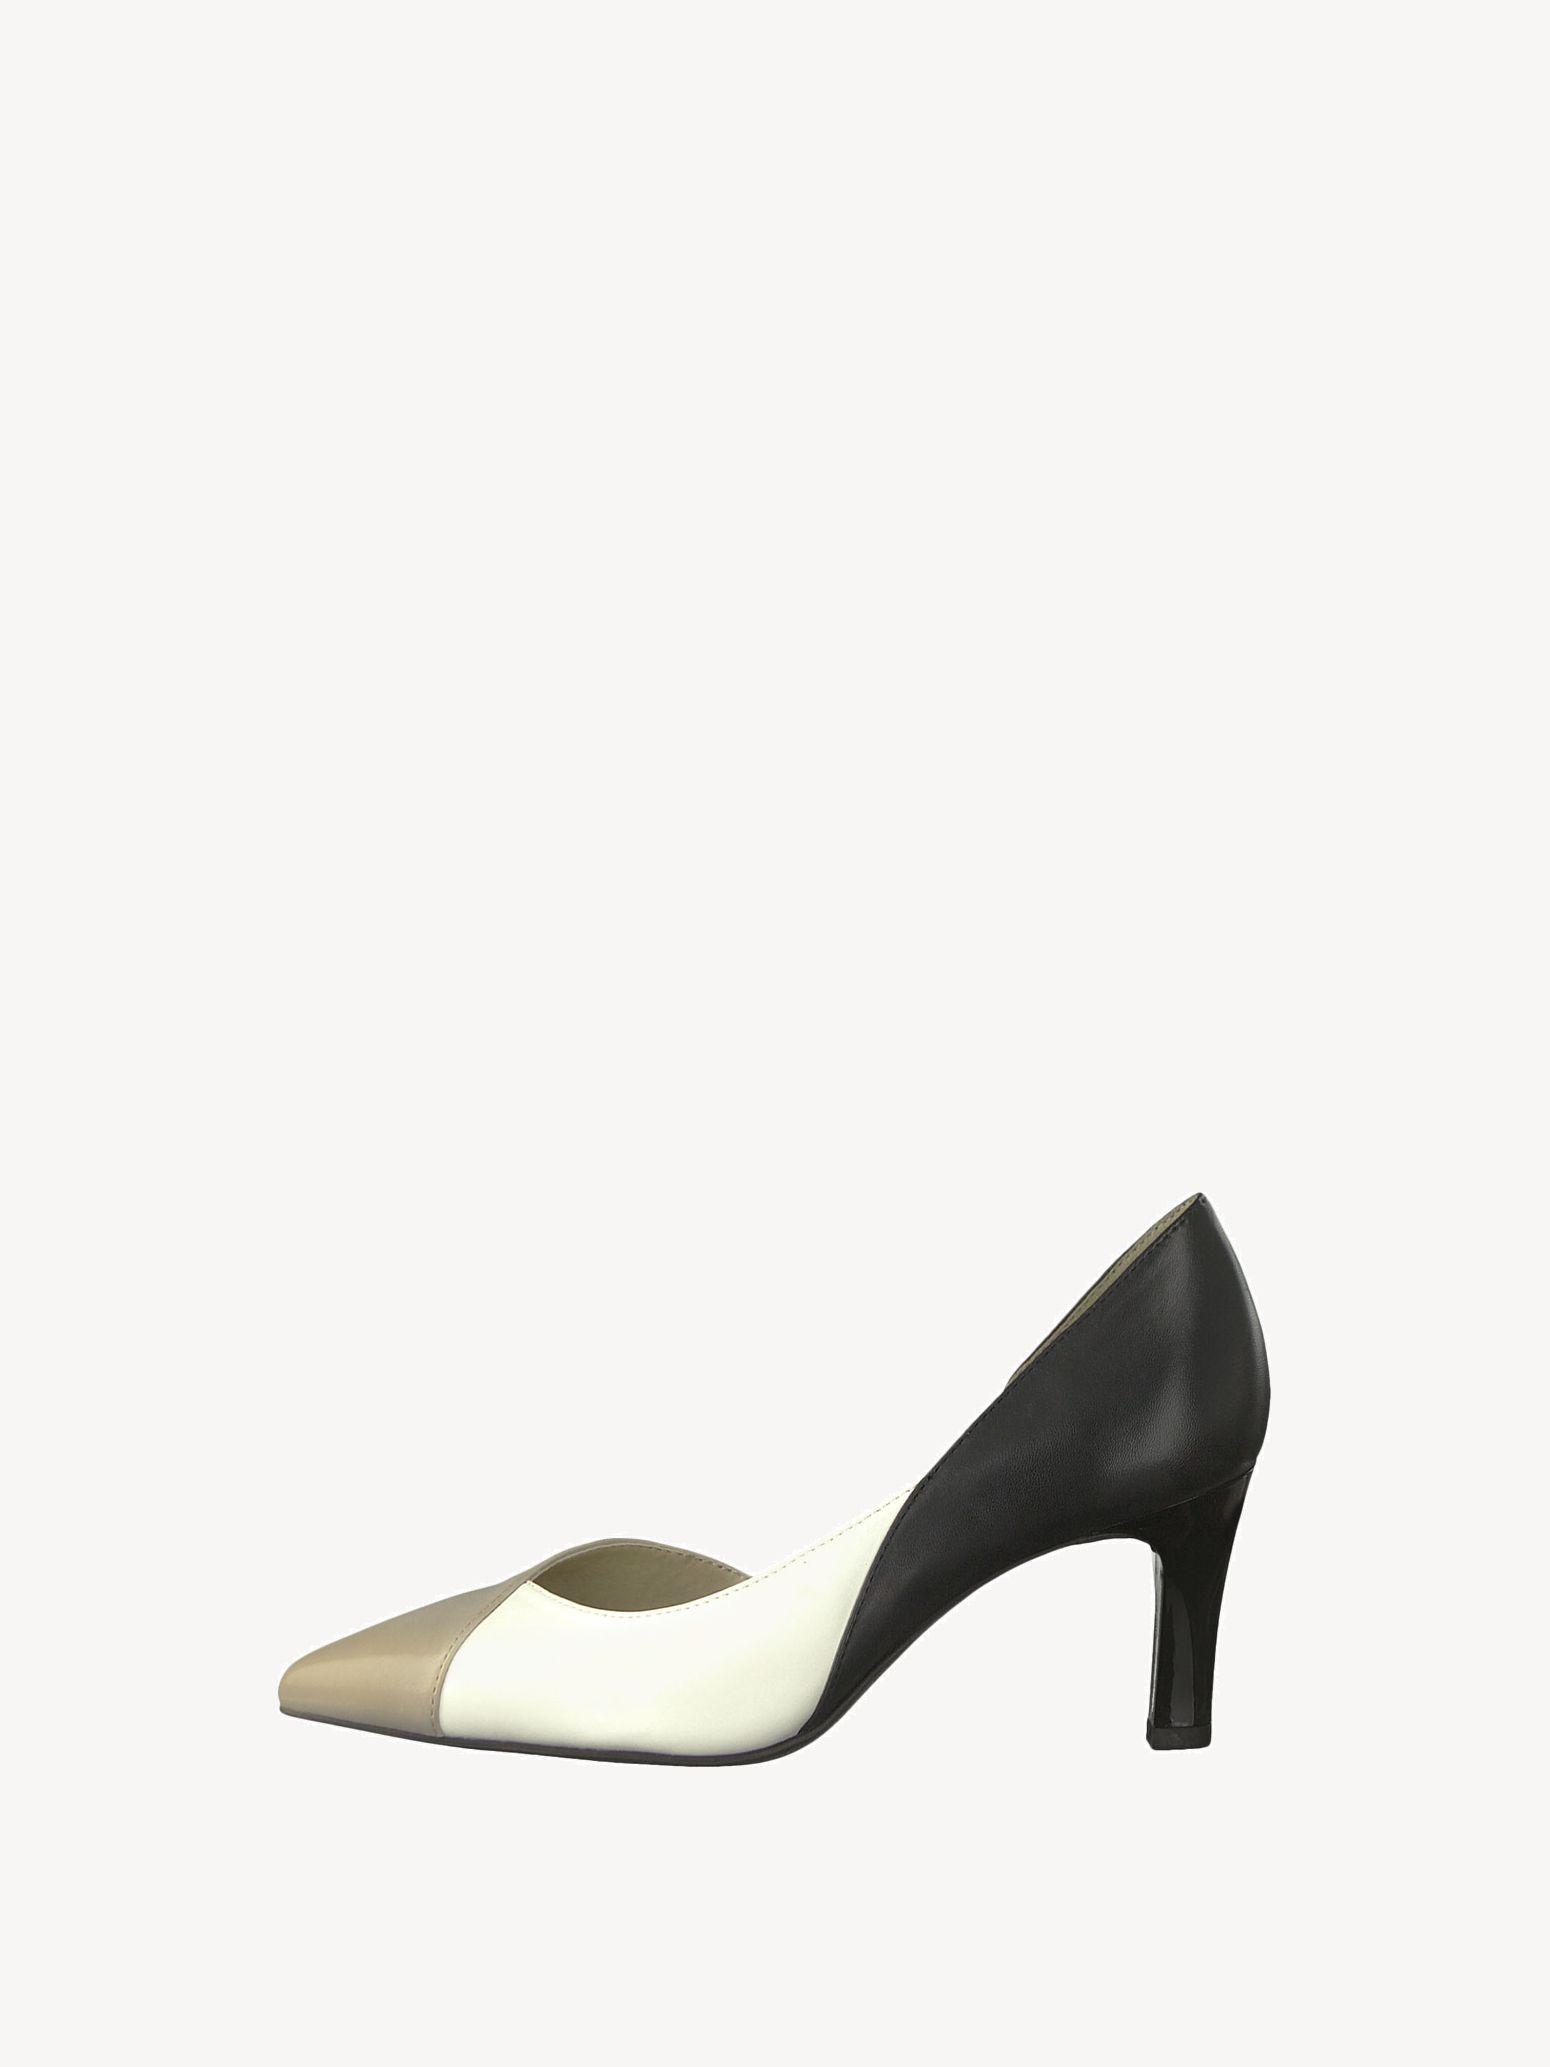 Schuhe De Cabagge Tamaris De Schuhe mn8vN0w